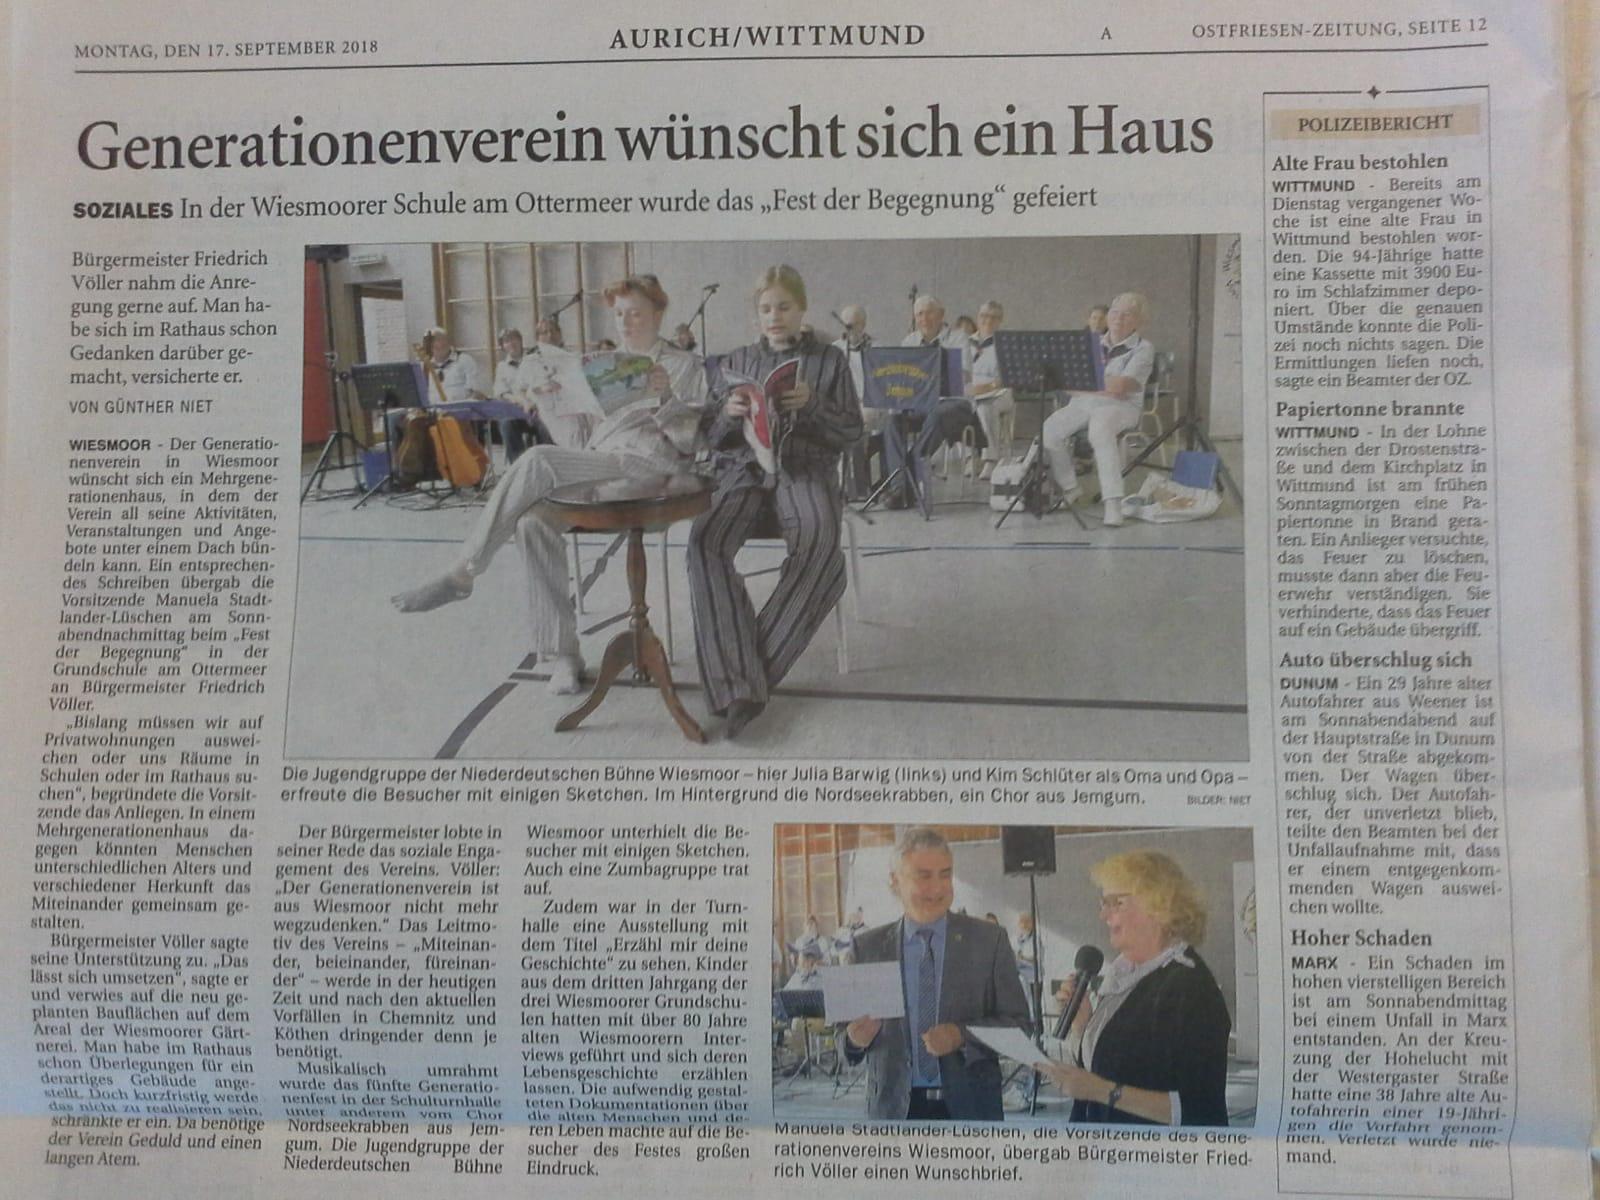 Generationenverein wünscht sich ein Haus - Ostfriesen-Zeitung vom 17.10.2018